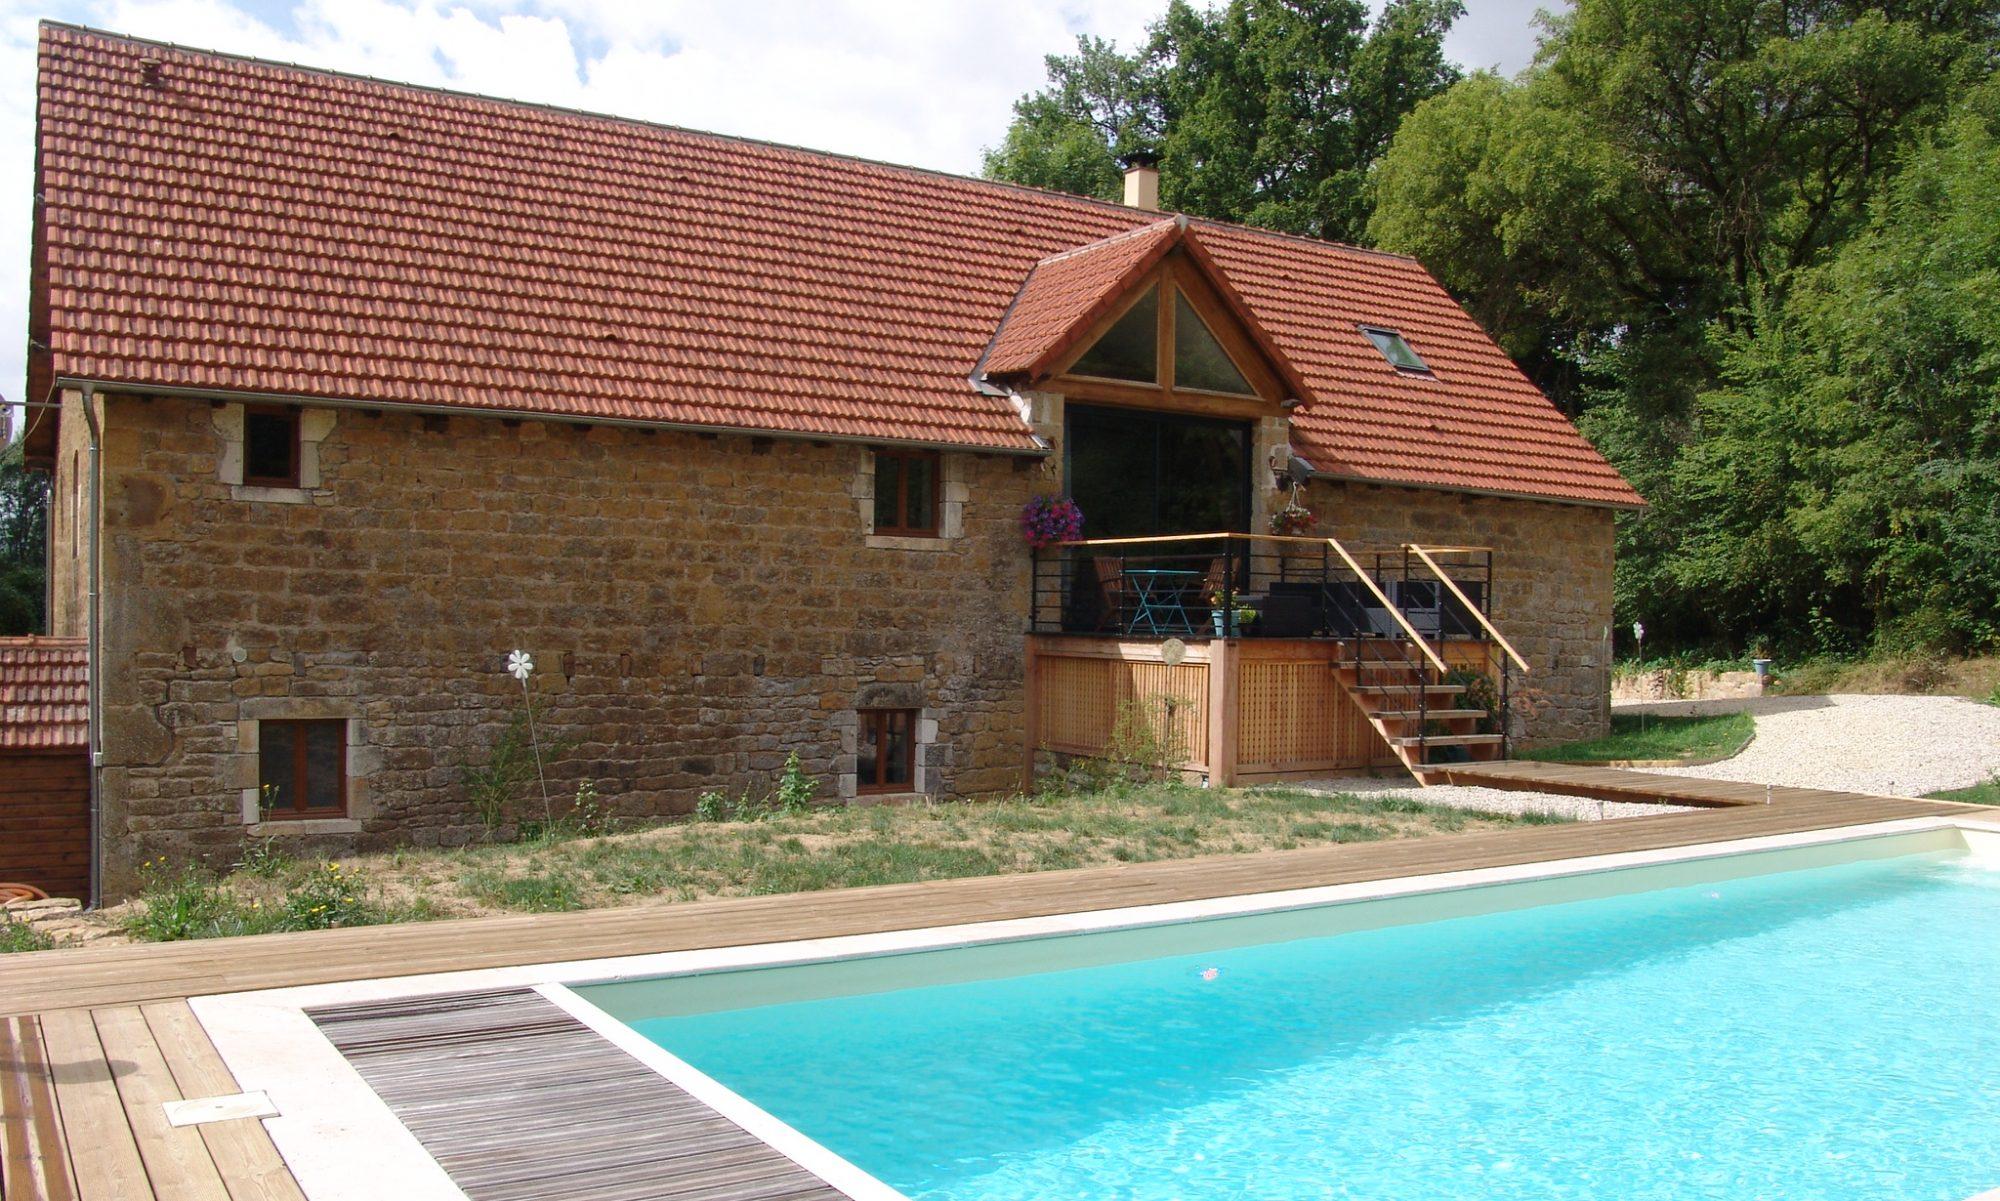 Chambres d'hotes - La Grange, Cavagnac